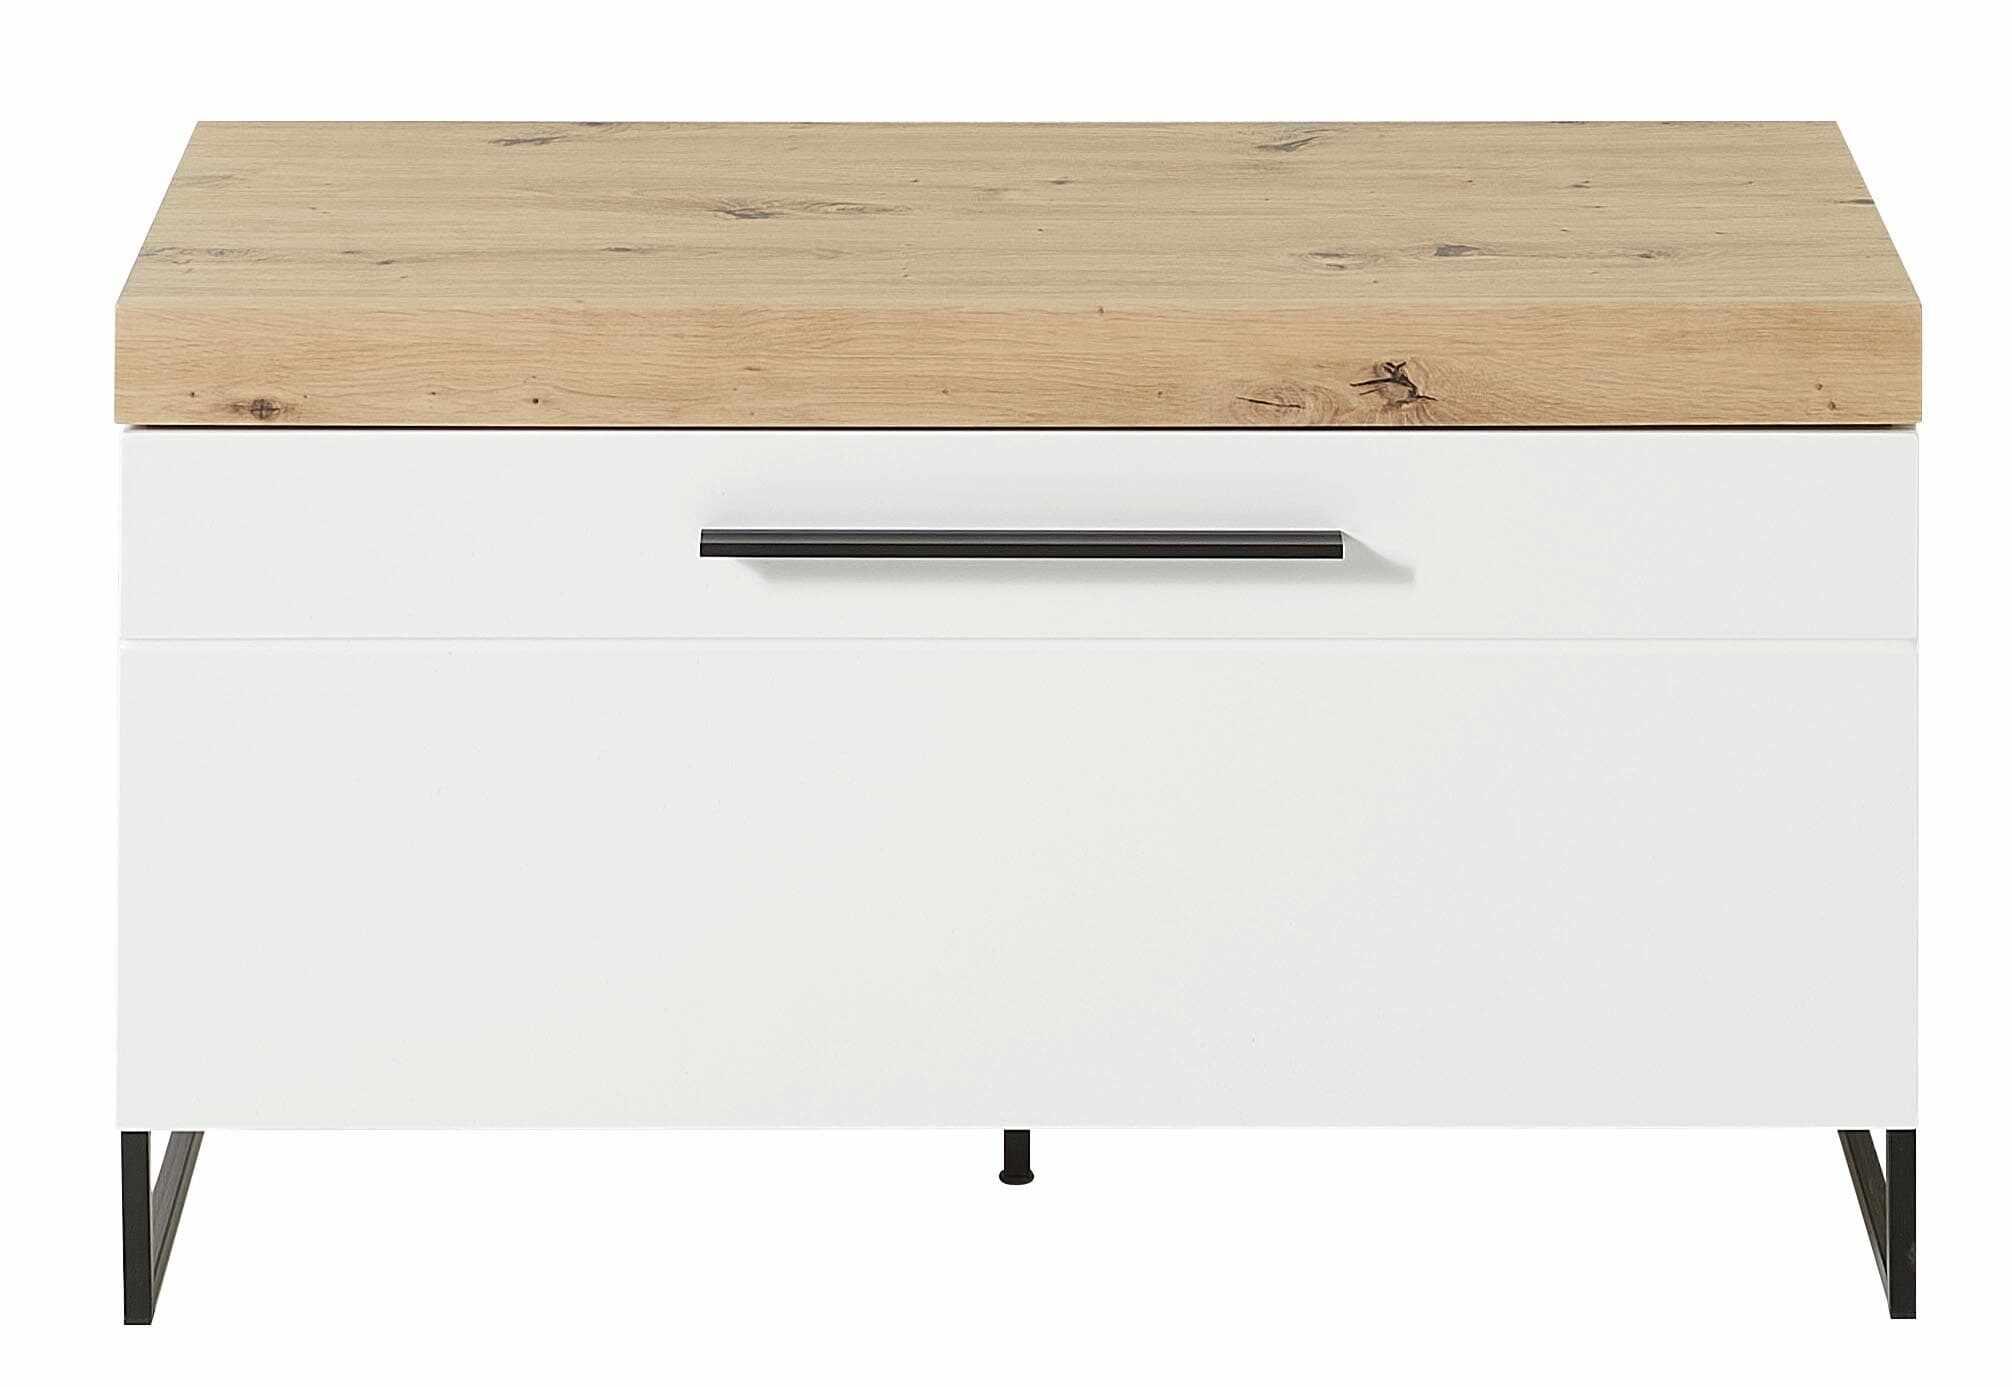 Cabinet din MDF cu 1 usa Loftis Alb / Stejar, l96xA44xH55 cm la pret 860 lei